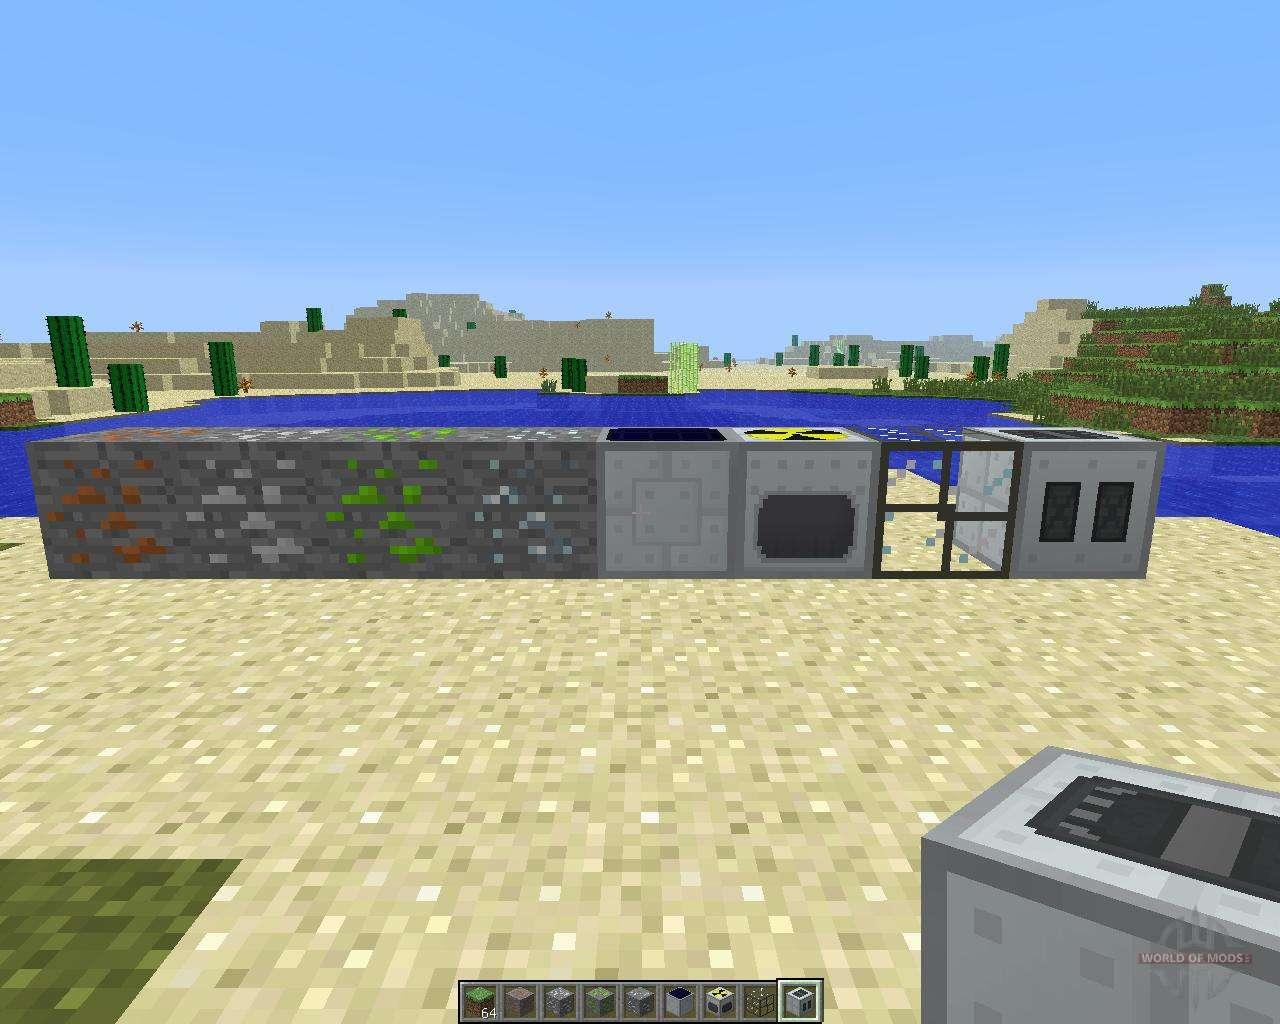 скачать мод industrial craft 2 для minecraft #11